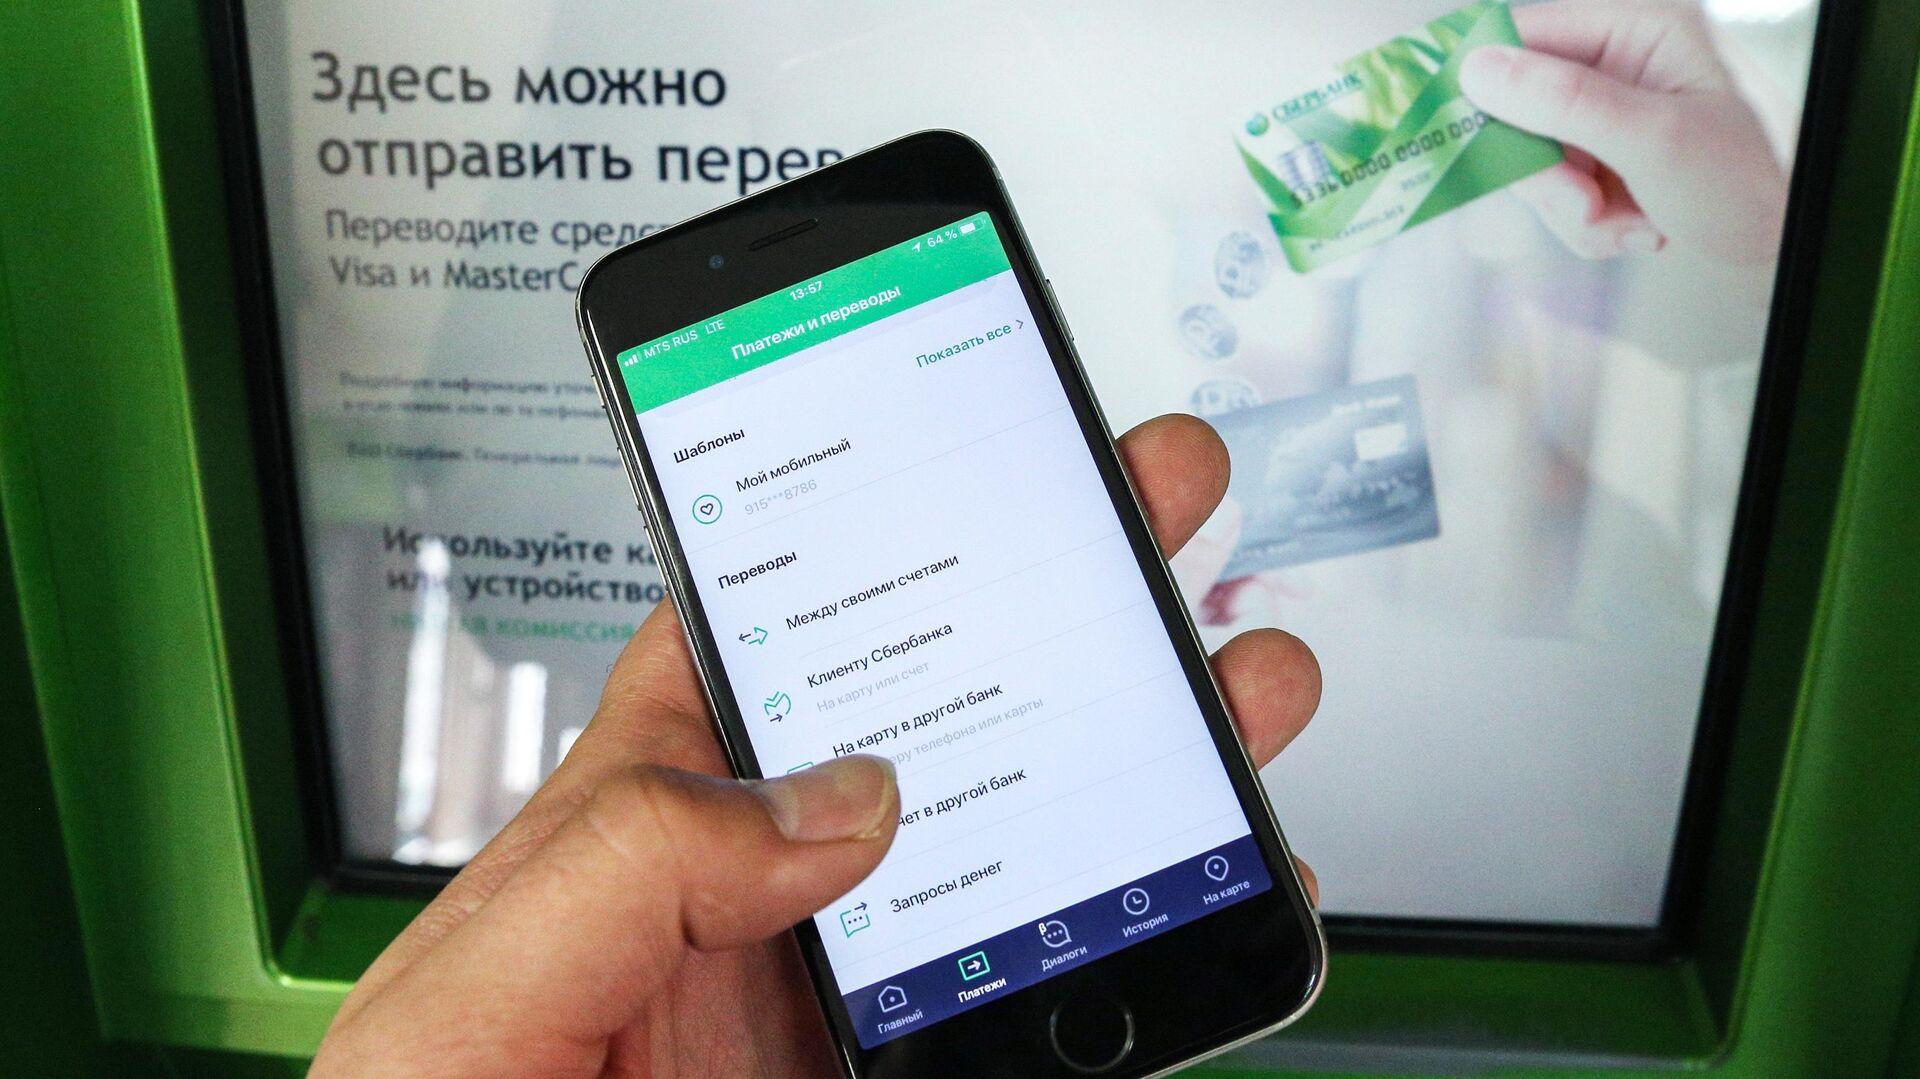 Мобильное приложение Сбербанк Онлайн - РИА Новости, 1920, 05.12.2020